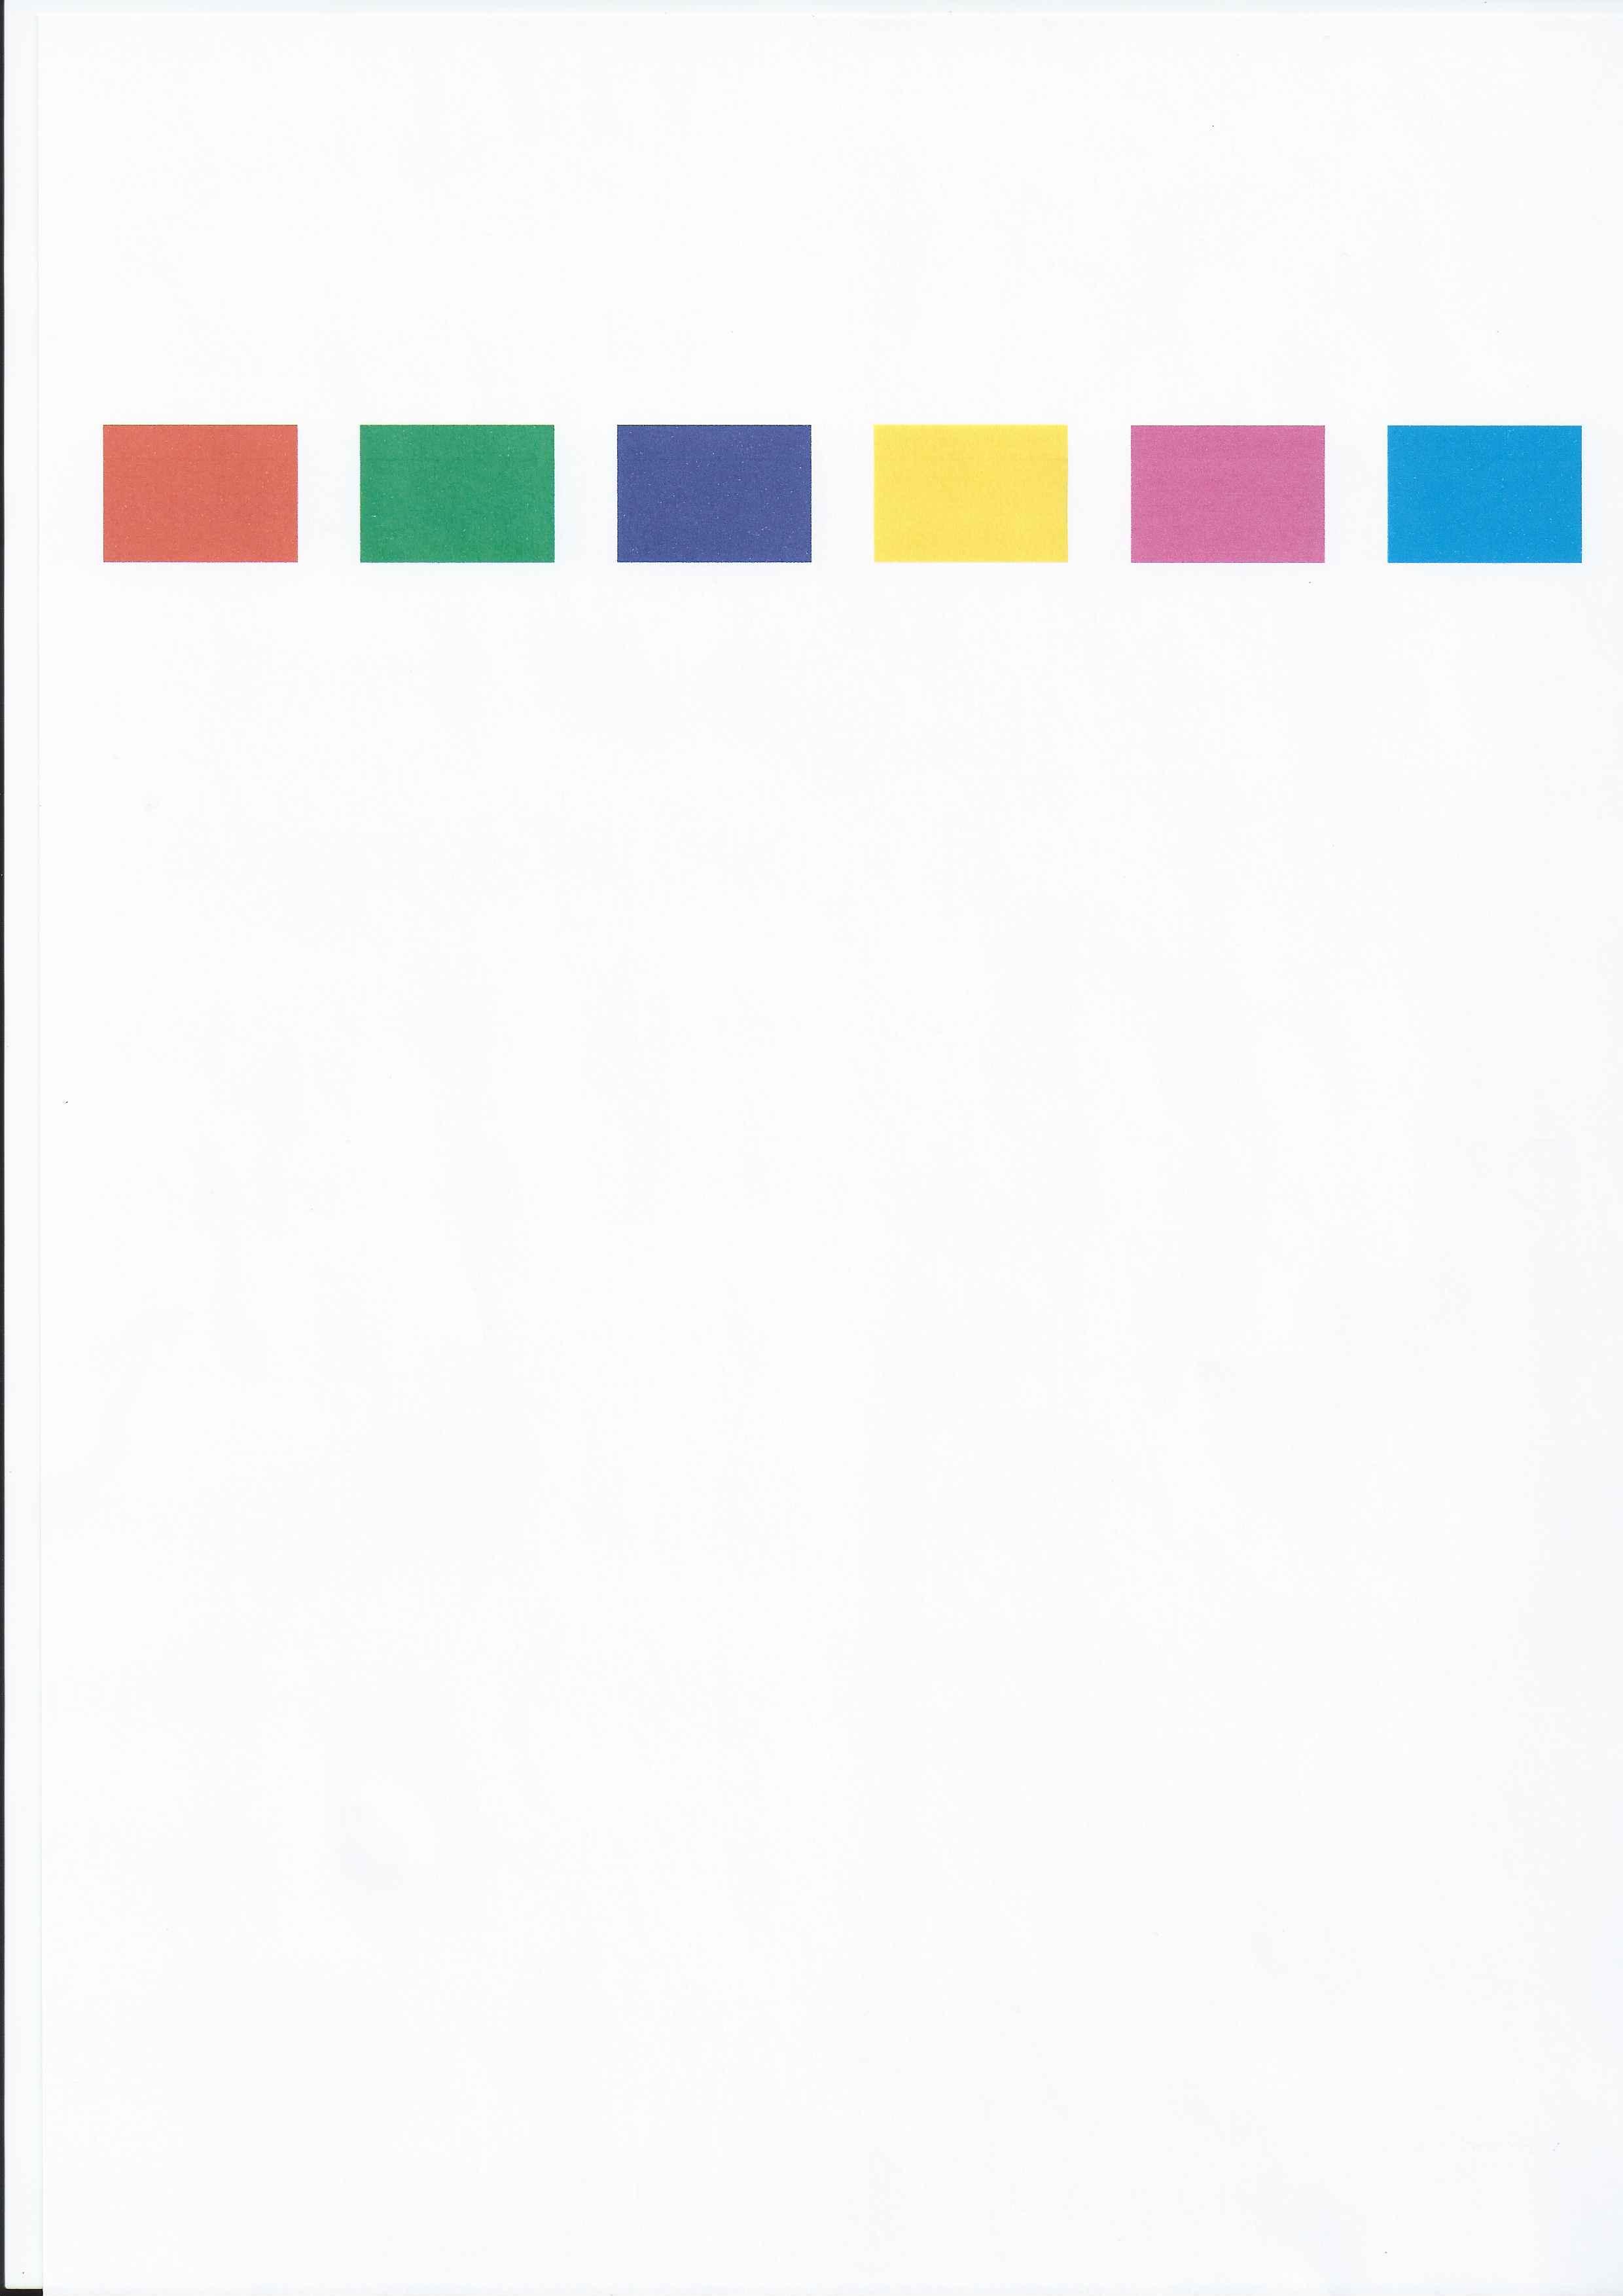 Excelente Página De Prueba De Color De La Impresora Hp Modelo ...